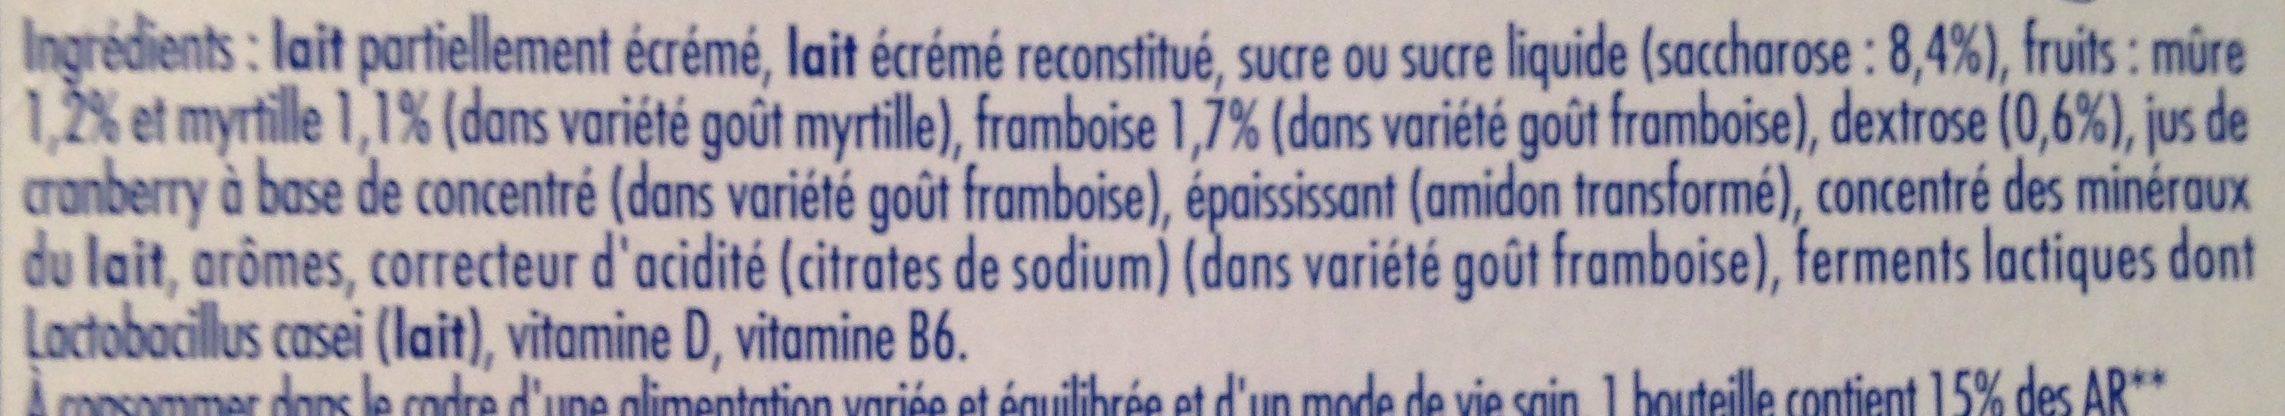 Actimel Goût Myrtille et Goût Framboise - Ingrédients - fr